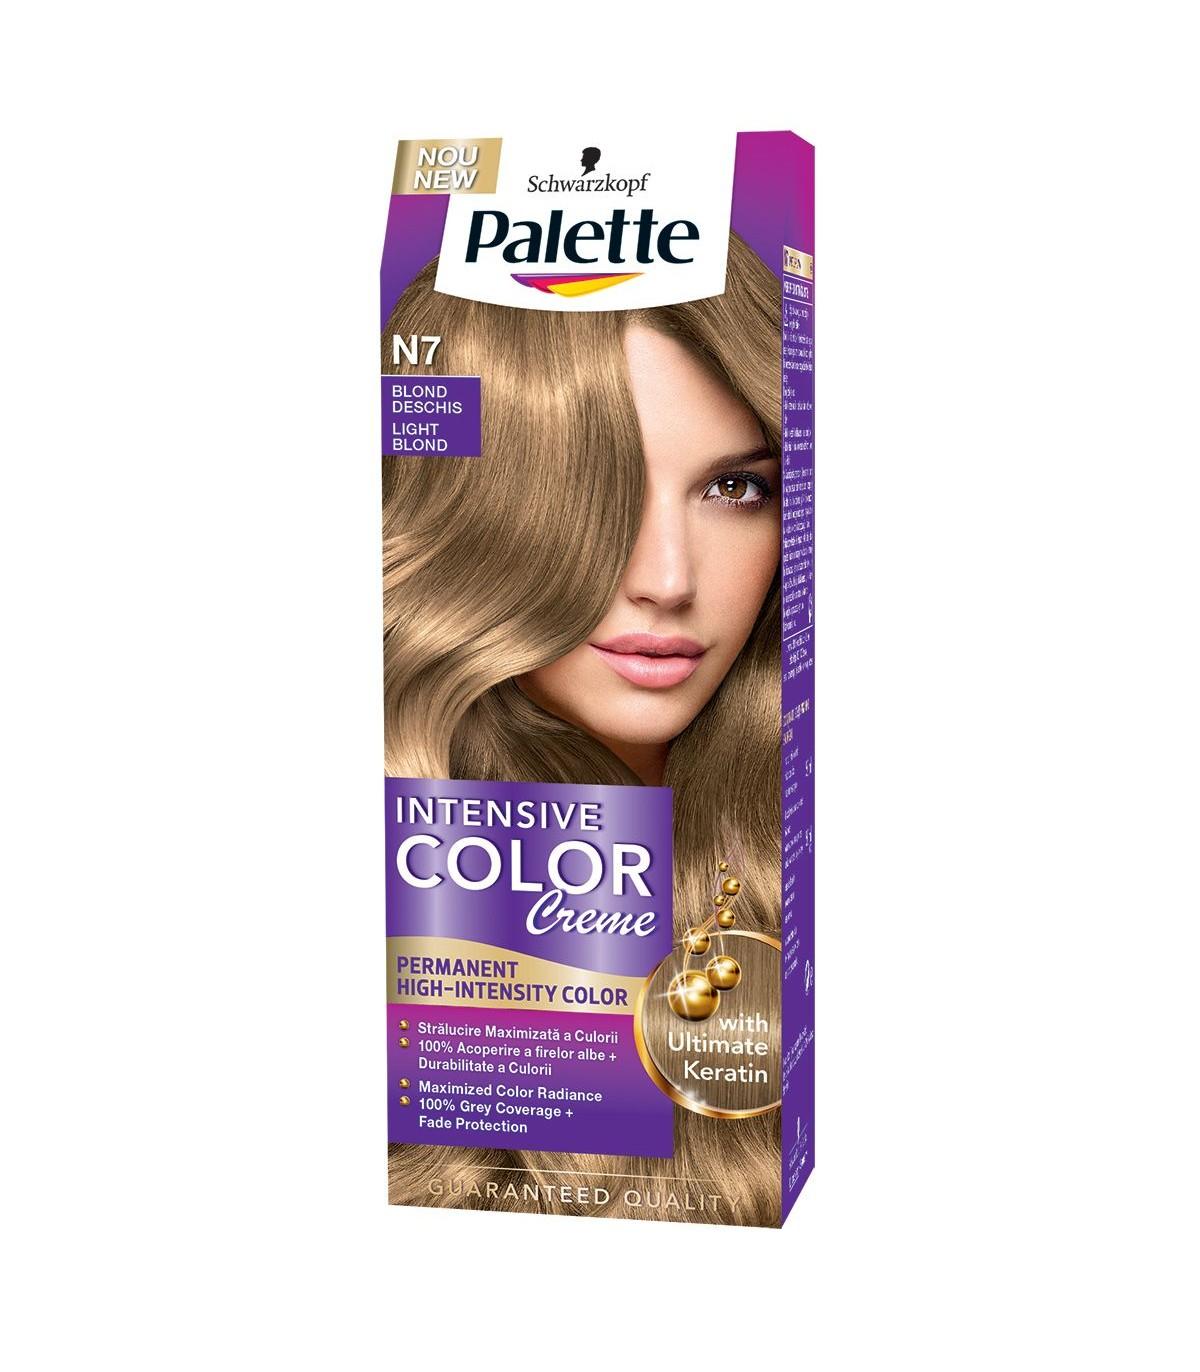 Vopsea De Par Palette Intensive Colour Creme 50 Ml N7 Light Blond